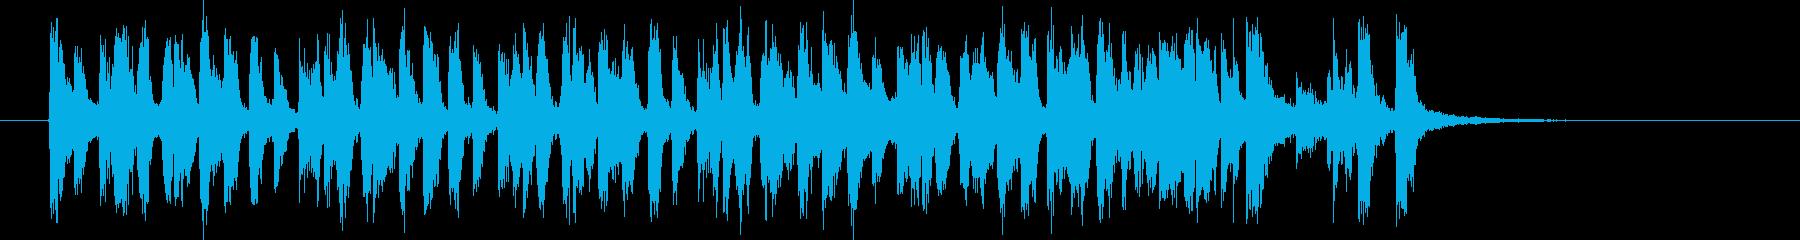 1960年代ポップスサウンドの再生済みの波形